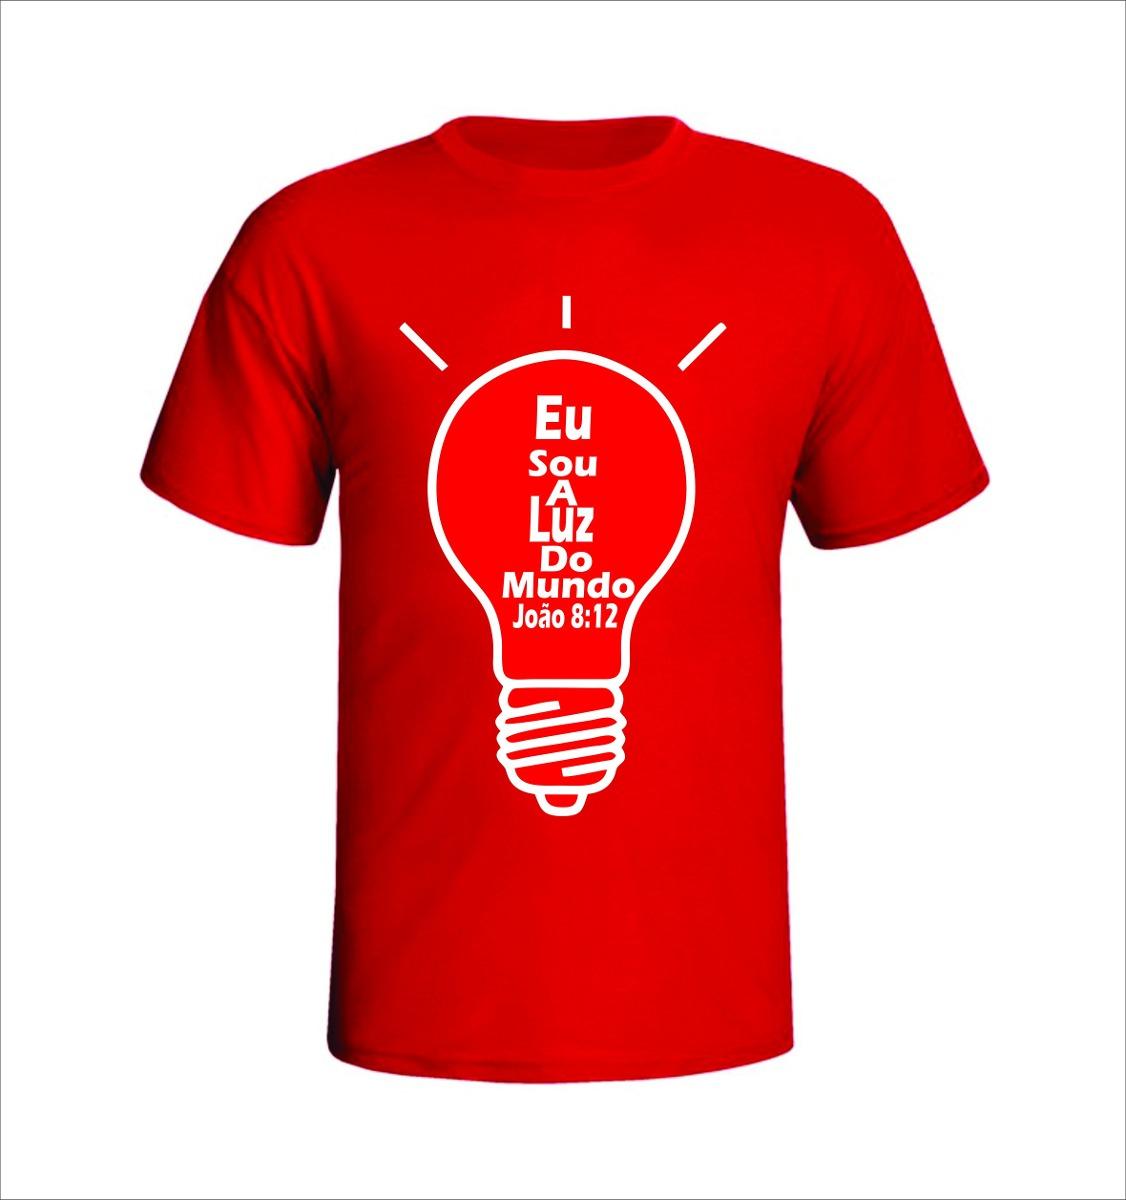 Camisa Evangelica Eu Sou A Luz Do Mundo Vermelha C  Branca - R  19 ... c20f4e00f8d8e